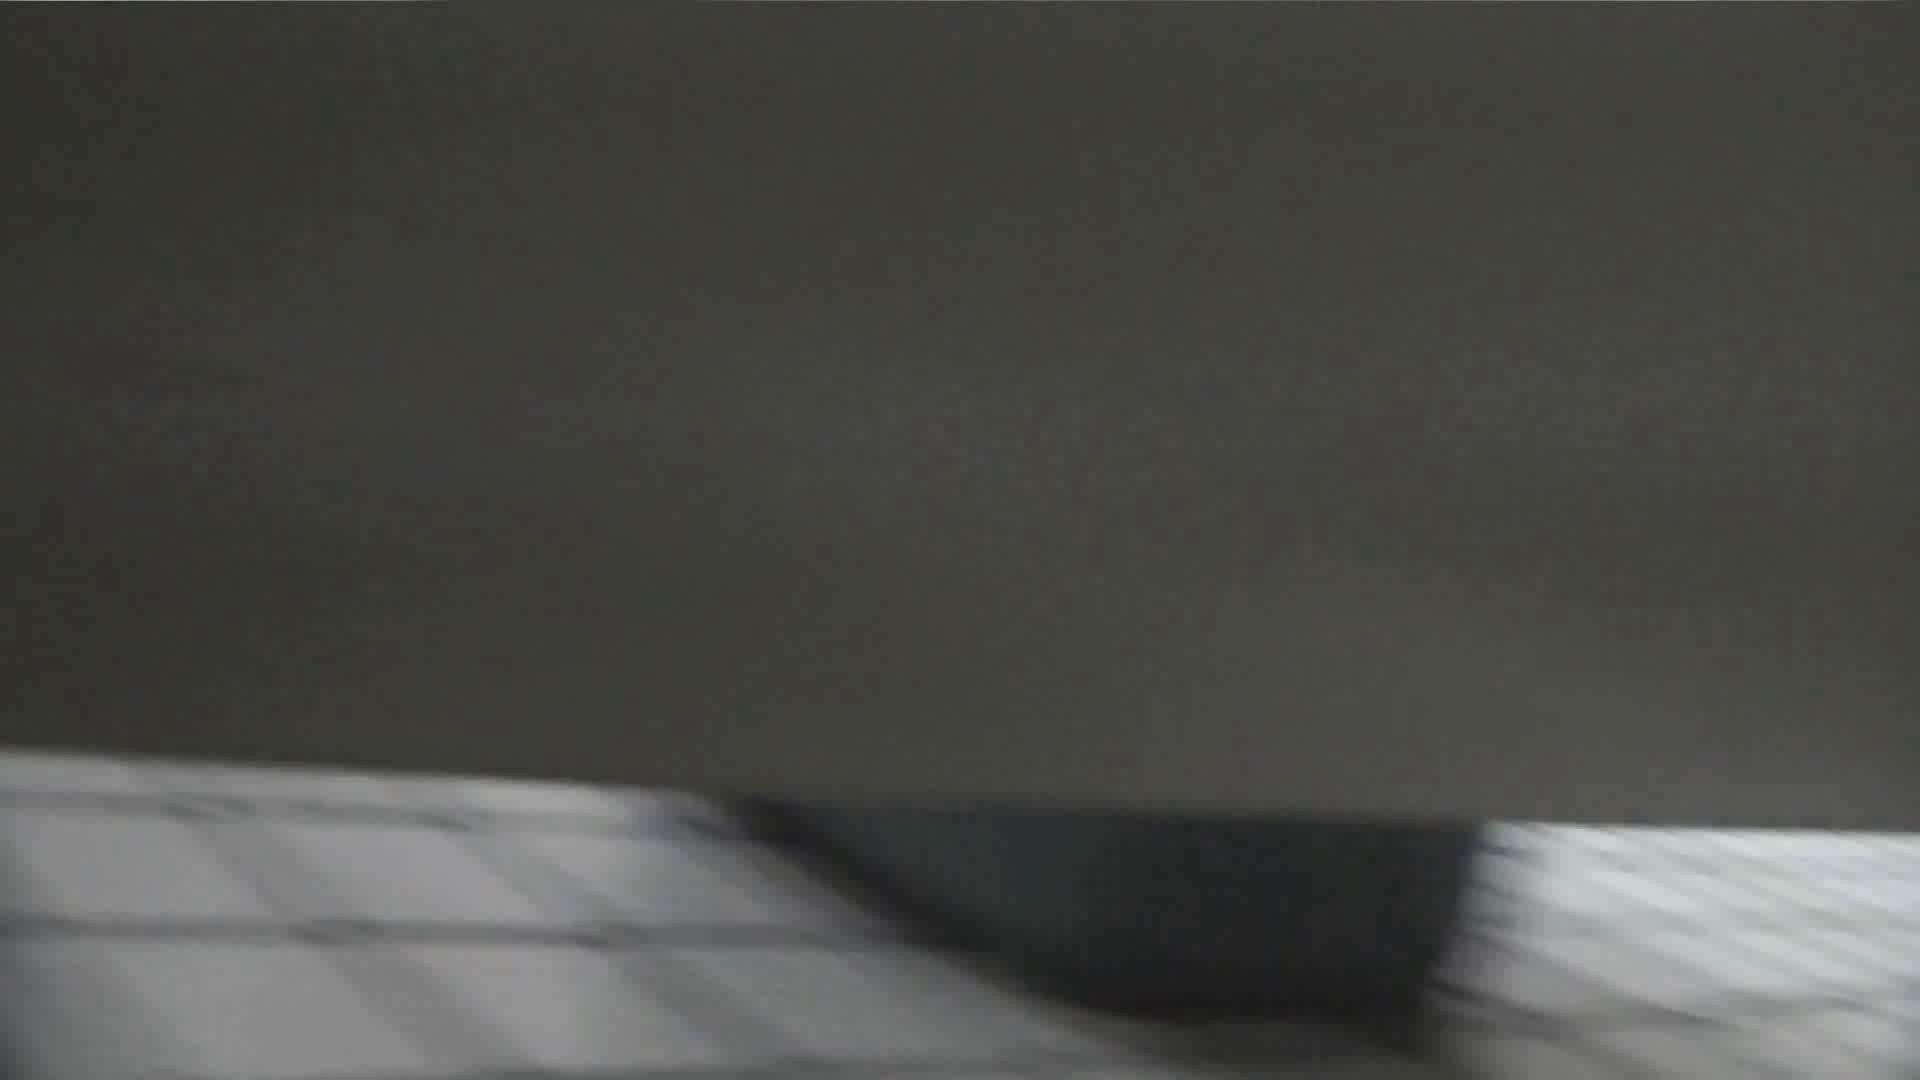 vol.20 命がけ潜伏洗面所! 清楚系可愛いギャル ギャルの実態  103pic 80